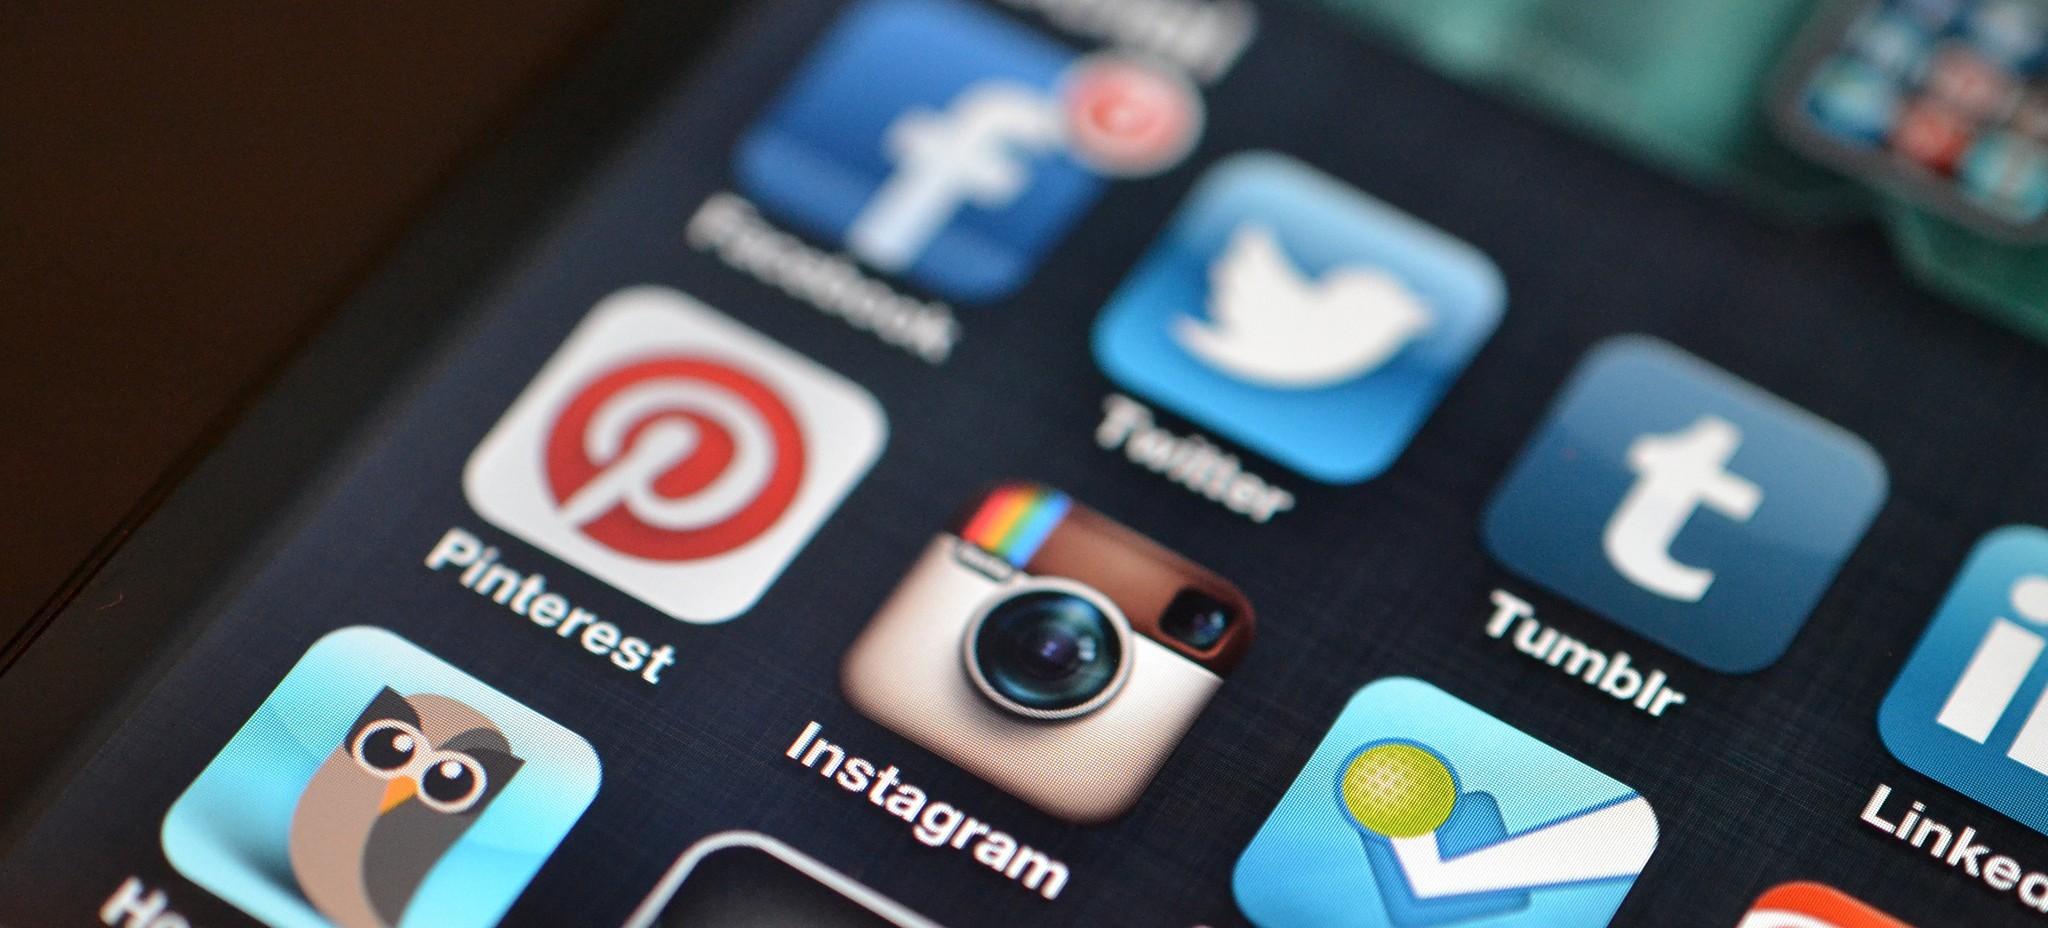 如何成功操作Instagram?11 招讓粉絲經營變成生意